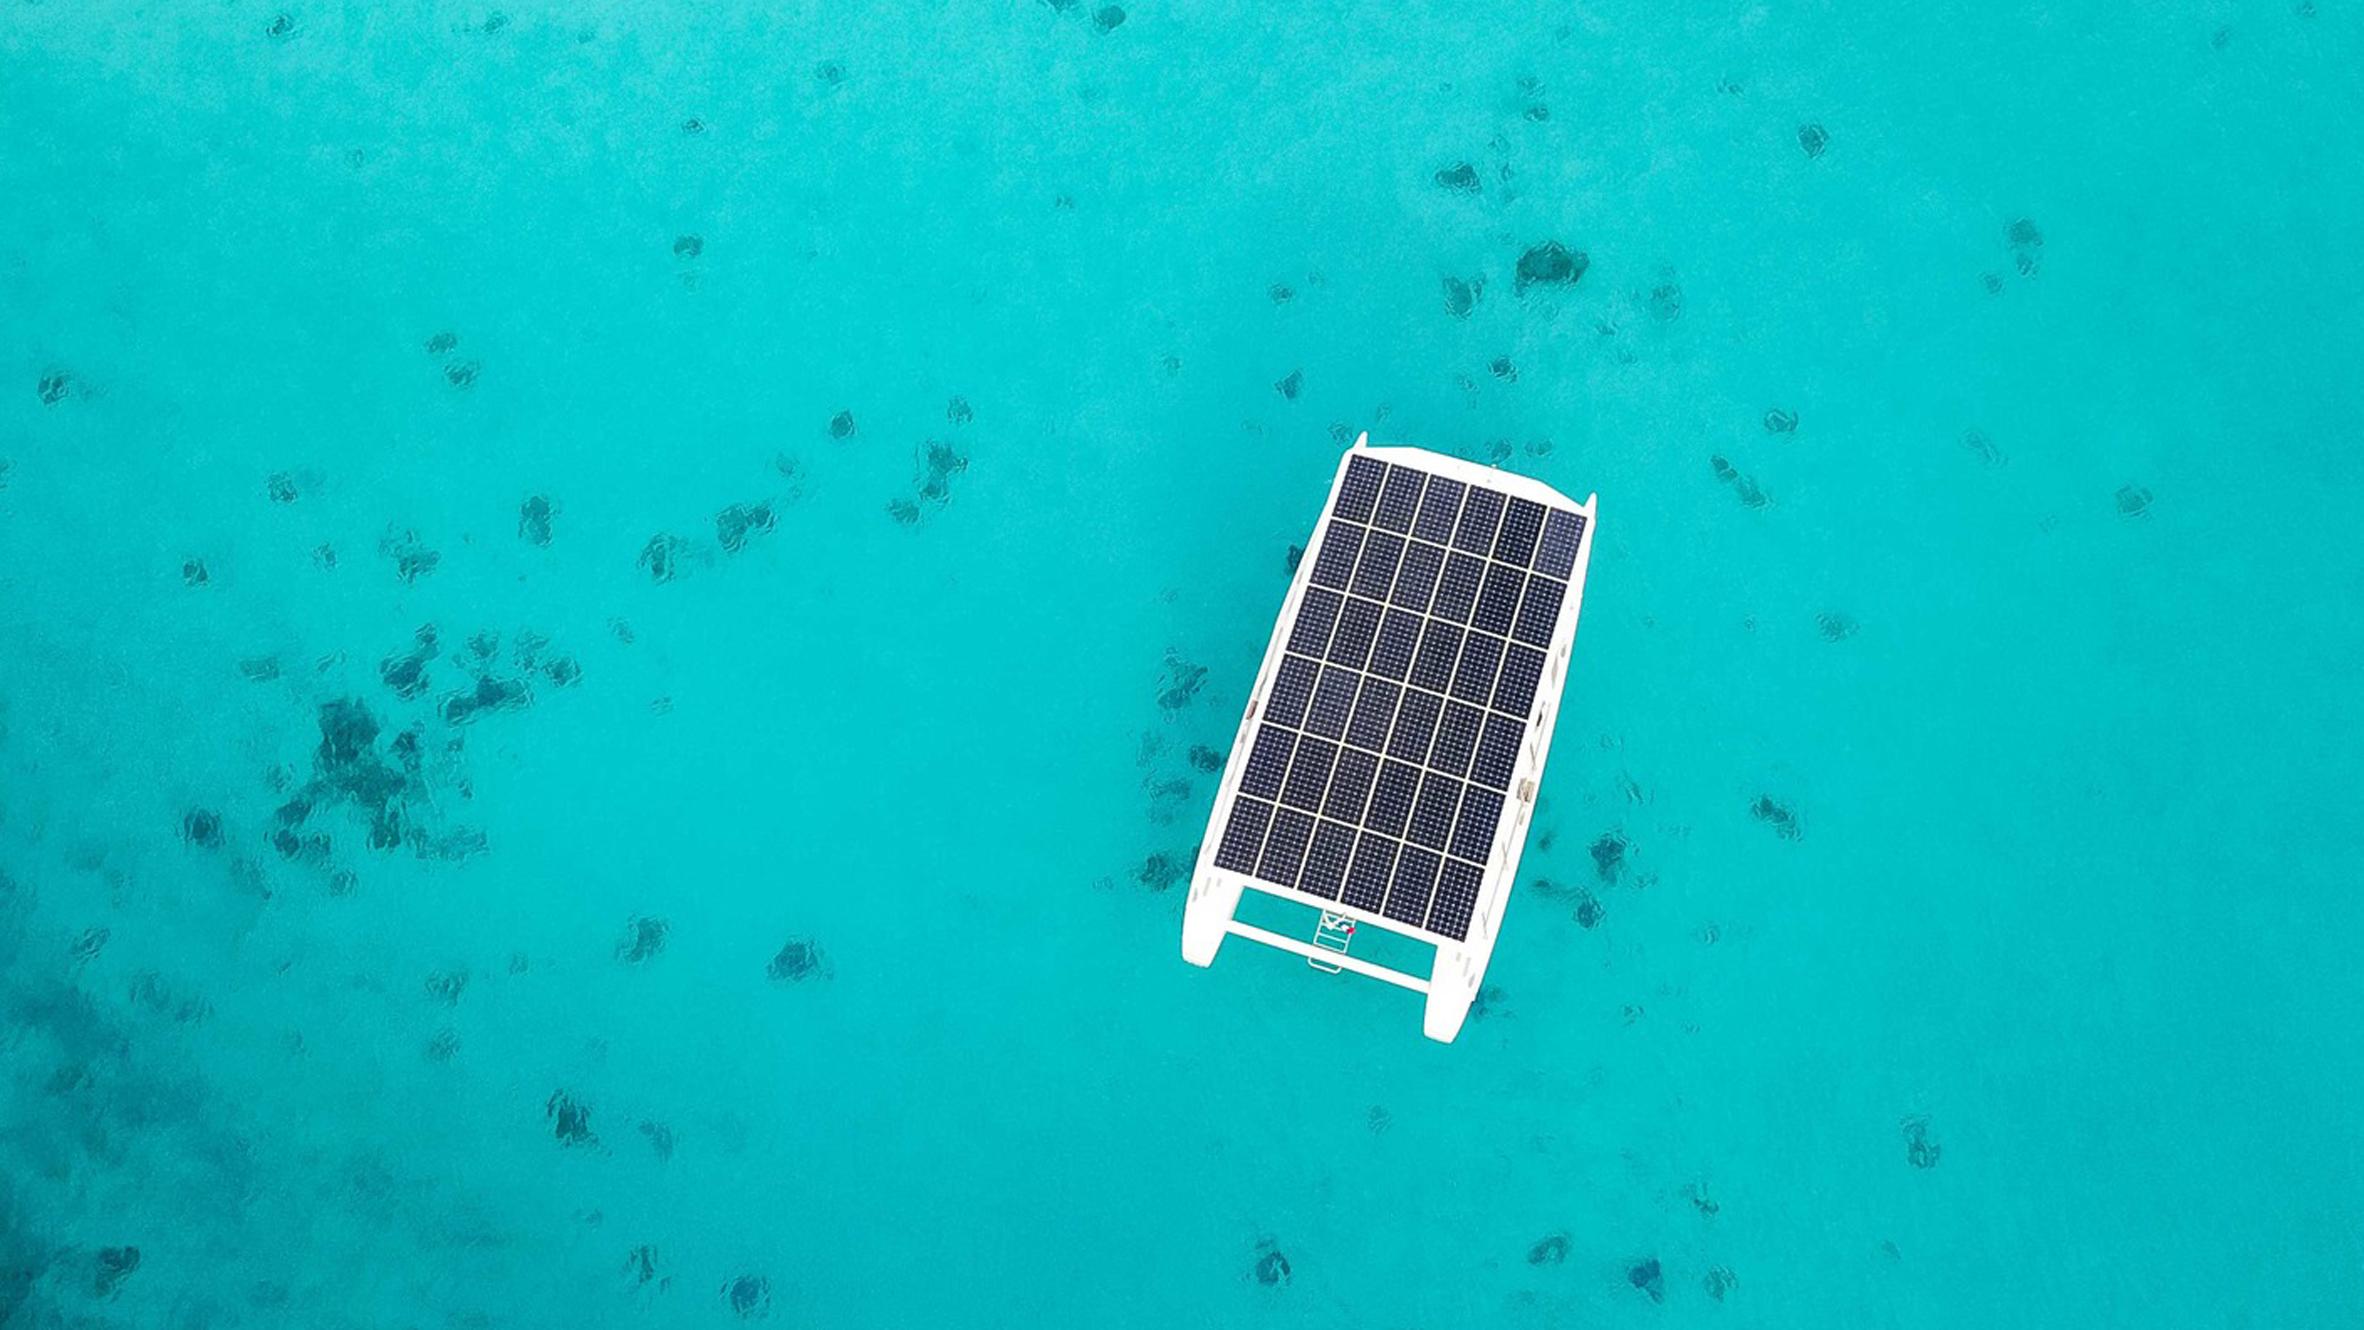 SoelCat 12 Solar Electric Catamaran by Soel Yachts